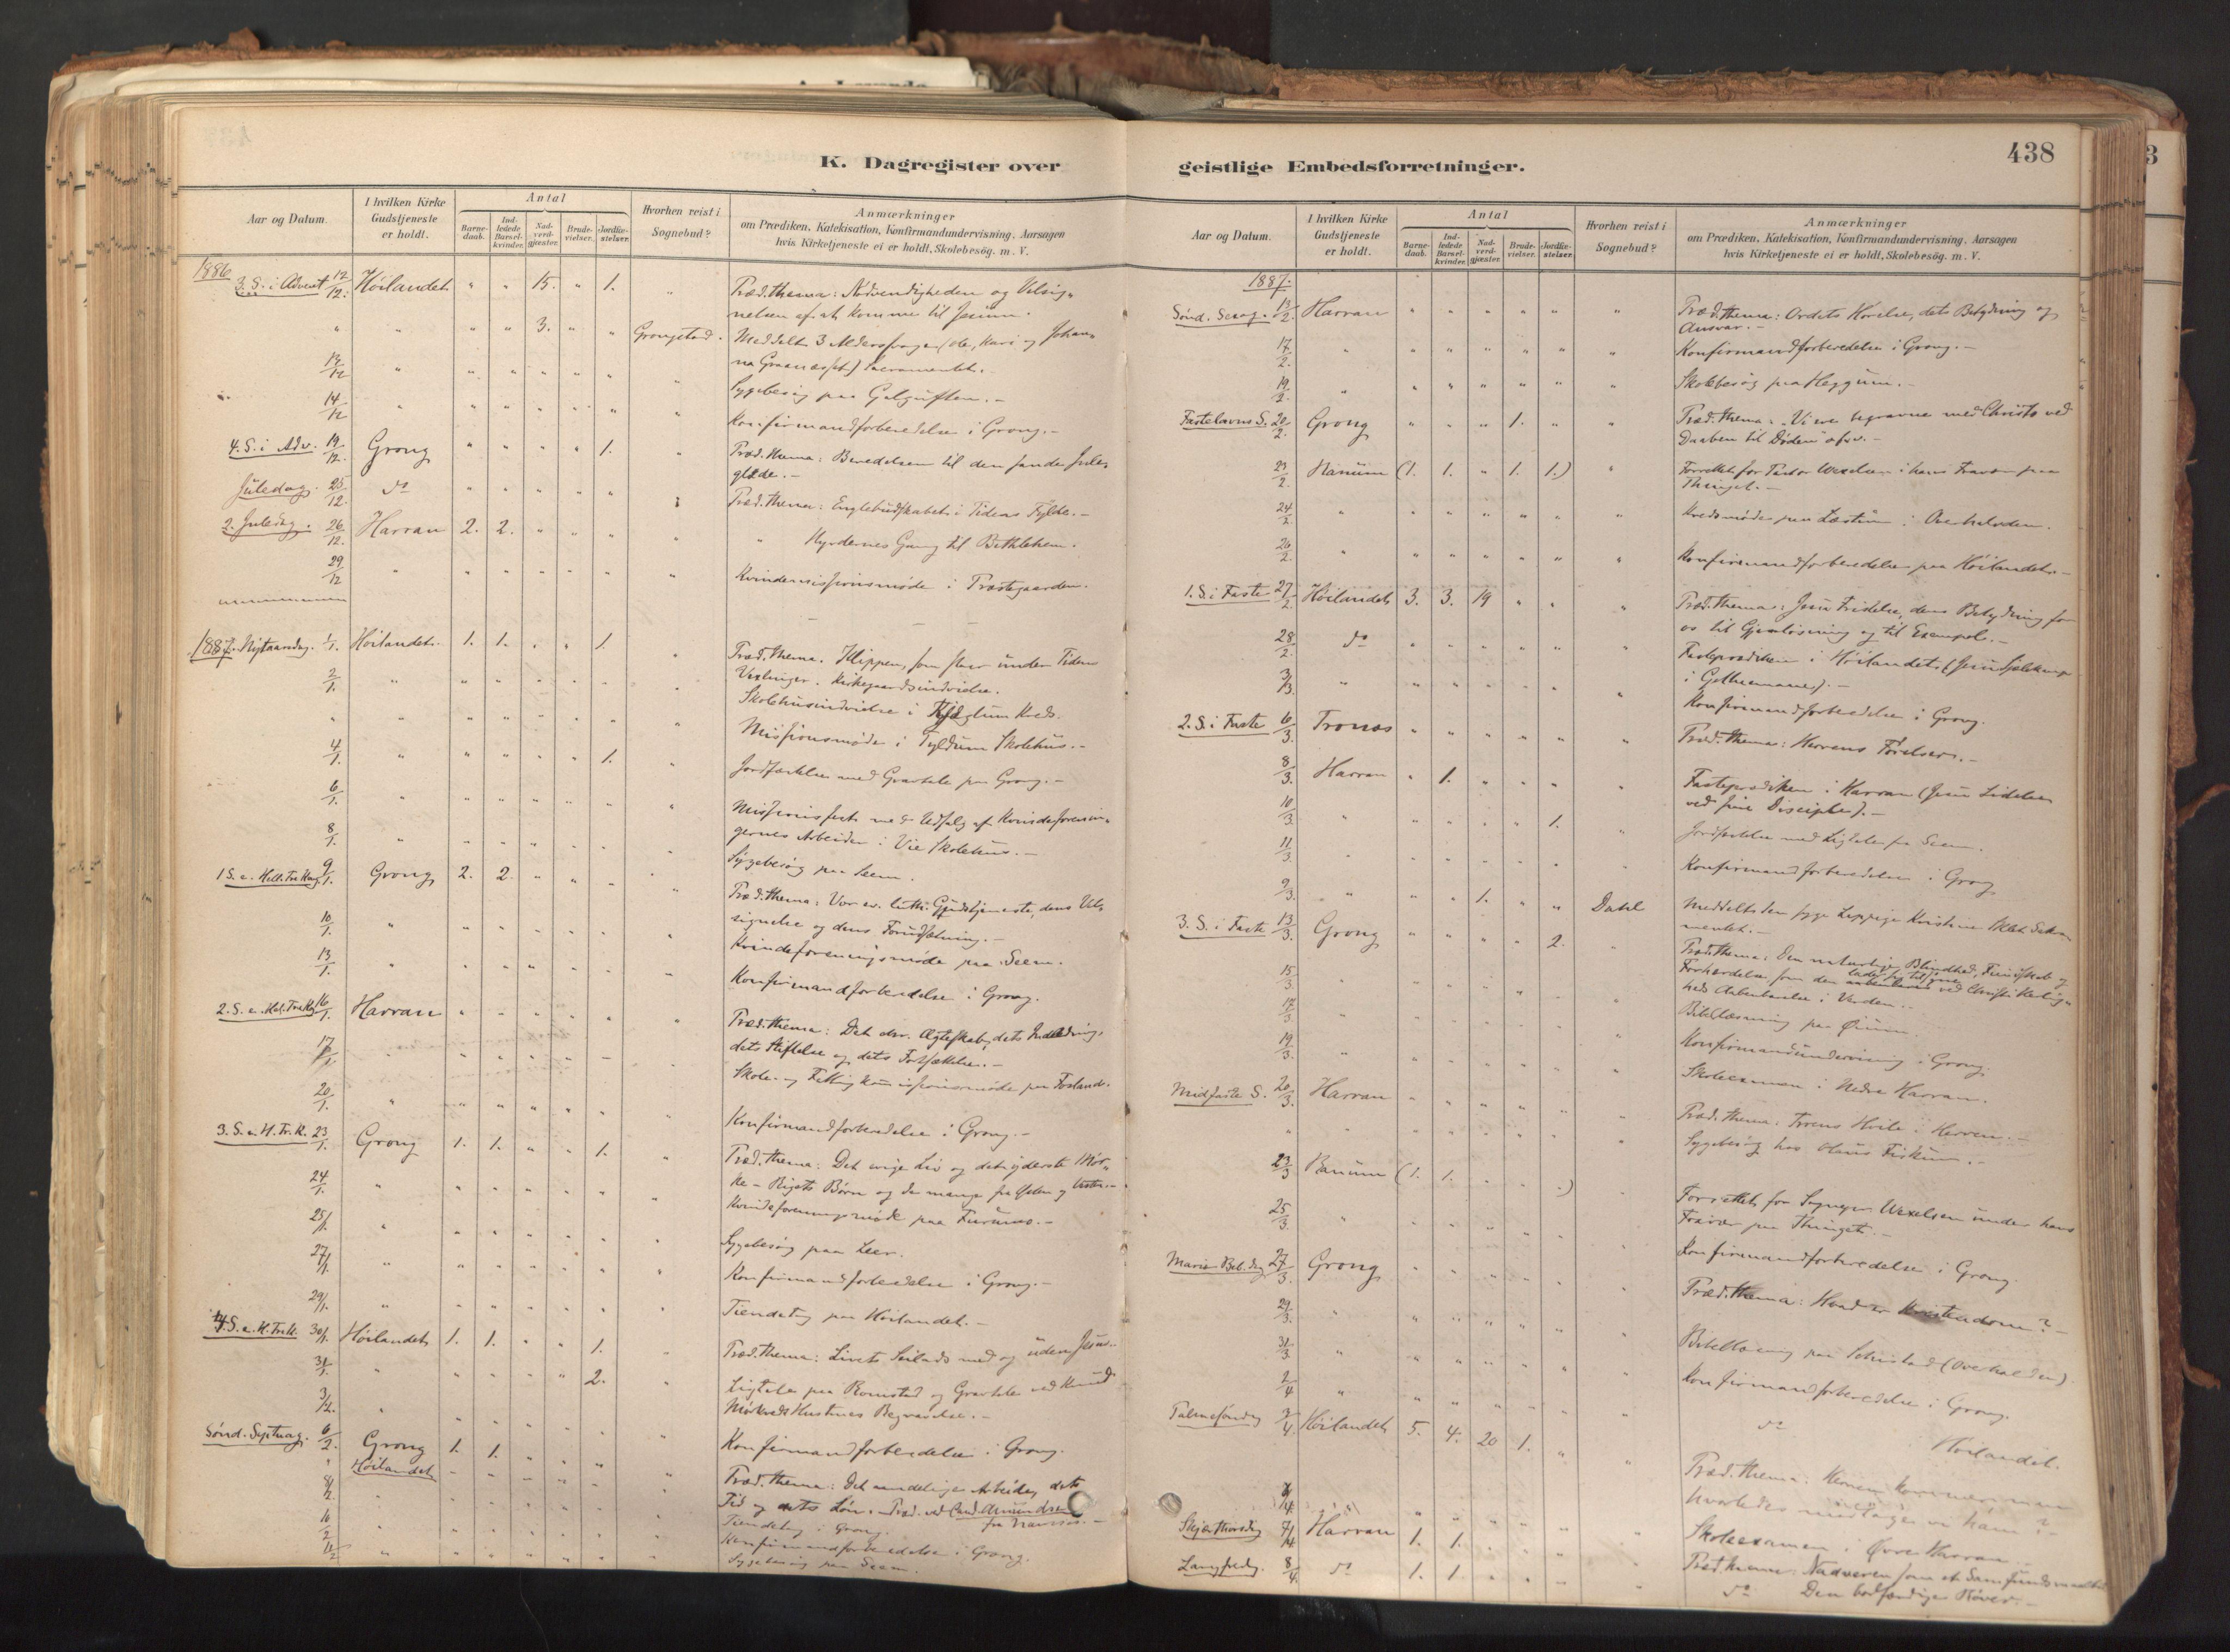 SAT, Ministerialprotokoller, klokkerbøker og fødselsregistre - Nord-Trøndelag, 758/L0519: Ministerialbok nr. 758A04, 1880-1926, s. 438